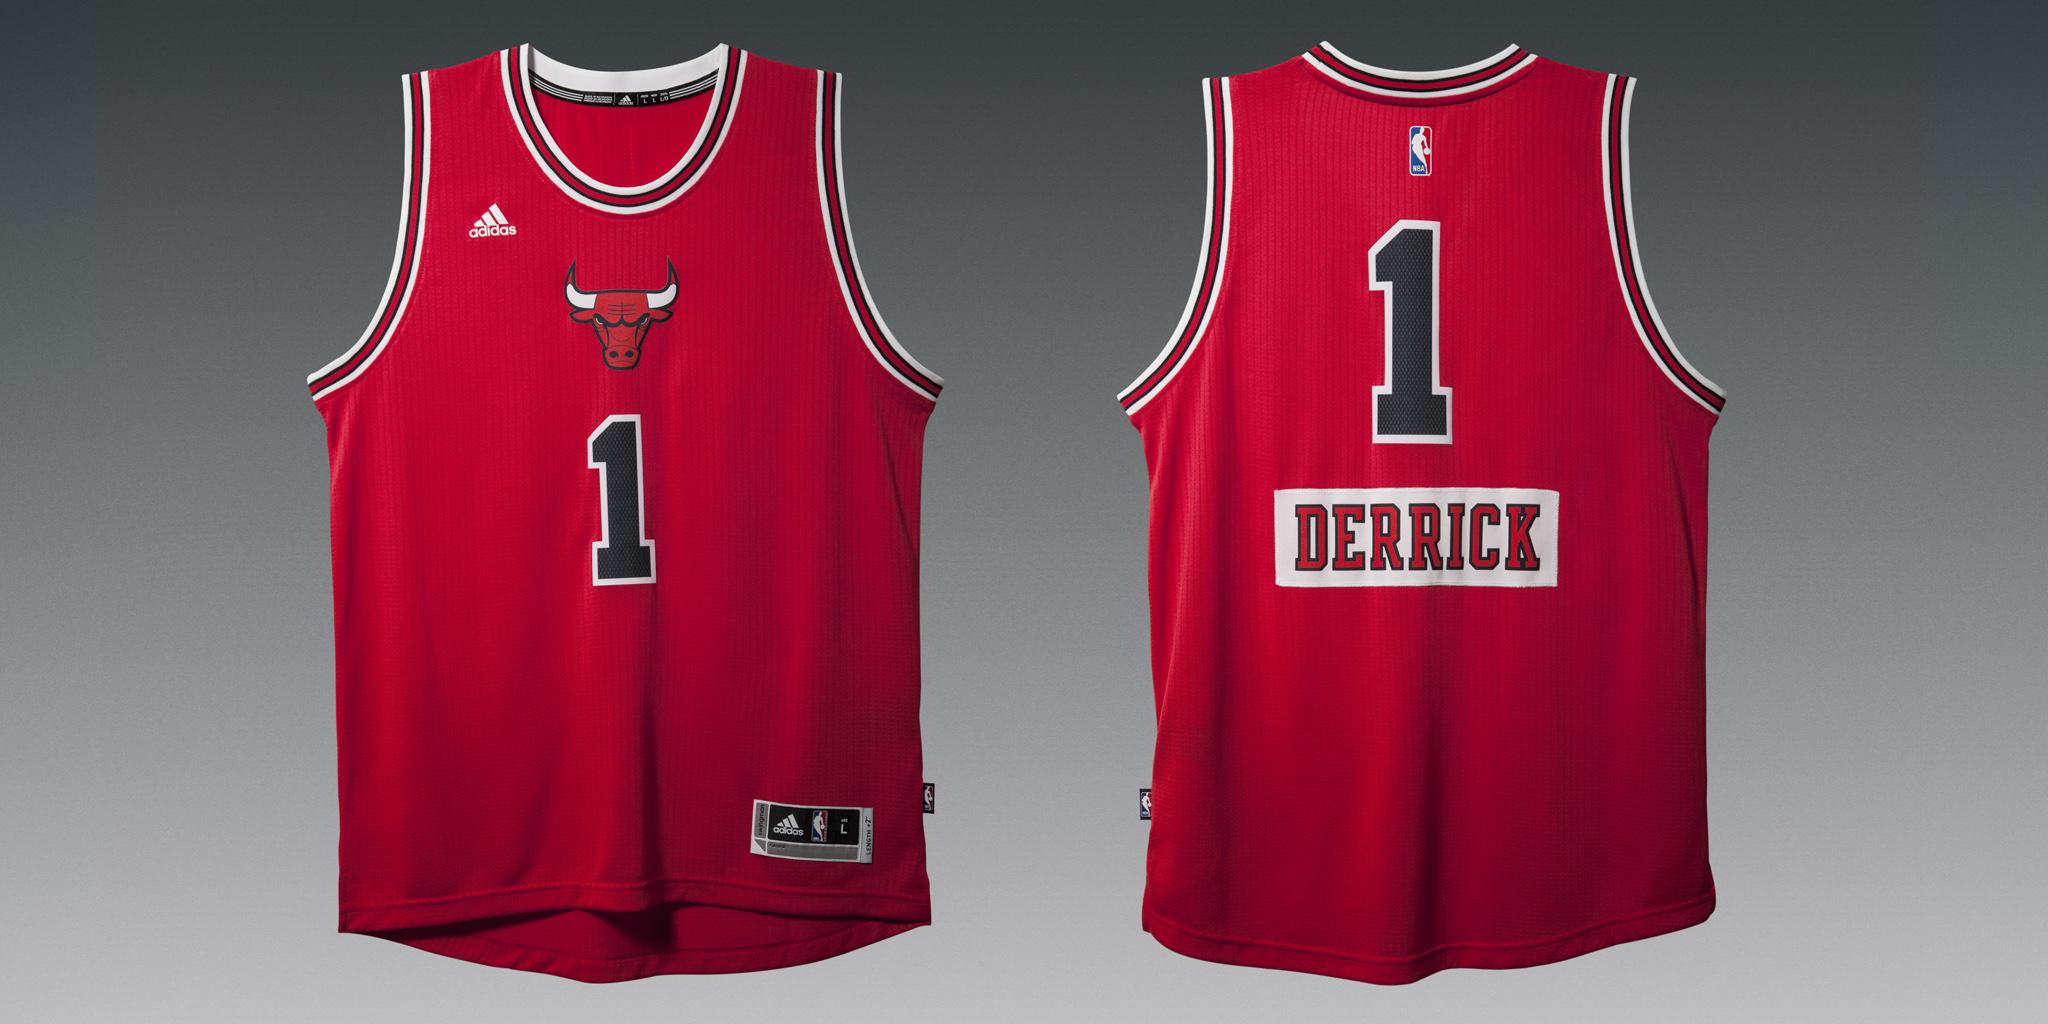 Adidas x NBA : Nouveaux maillots pour Noël !